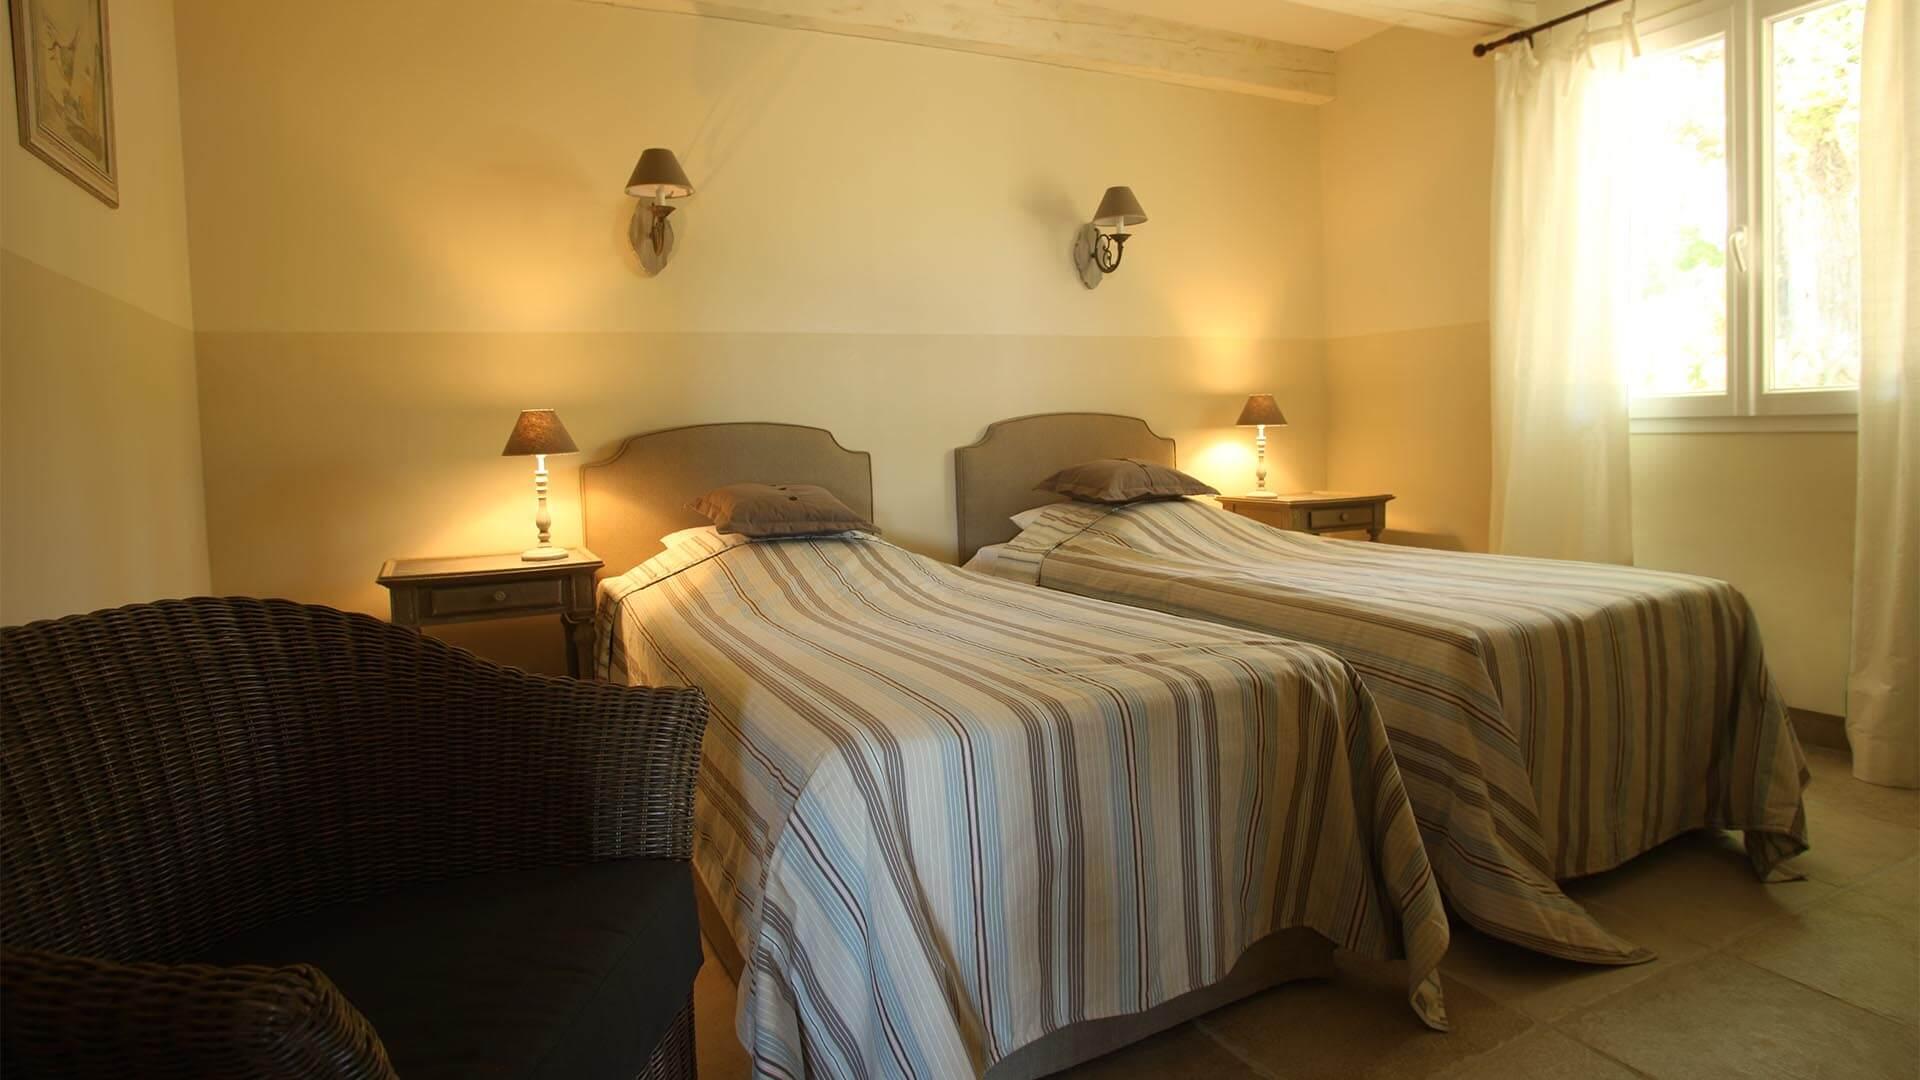 Location vacances Luberon | Villa le mûrier blanc | Chambre deux lits simples